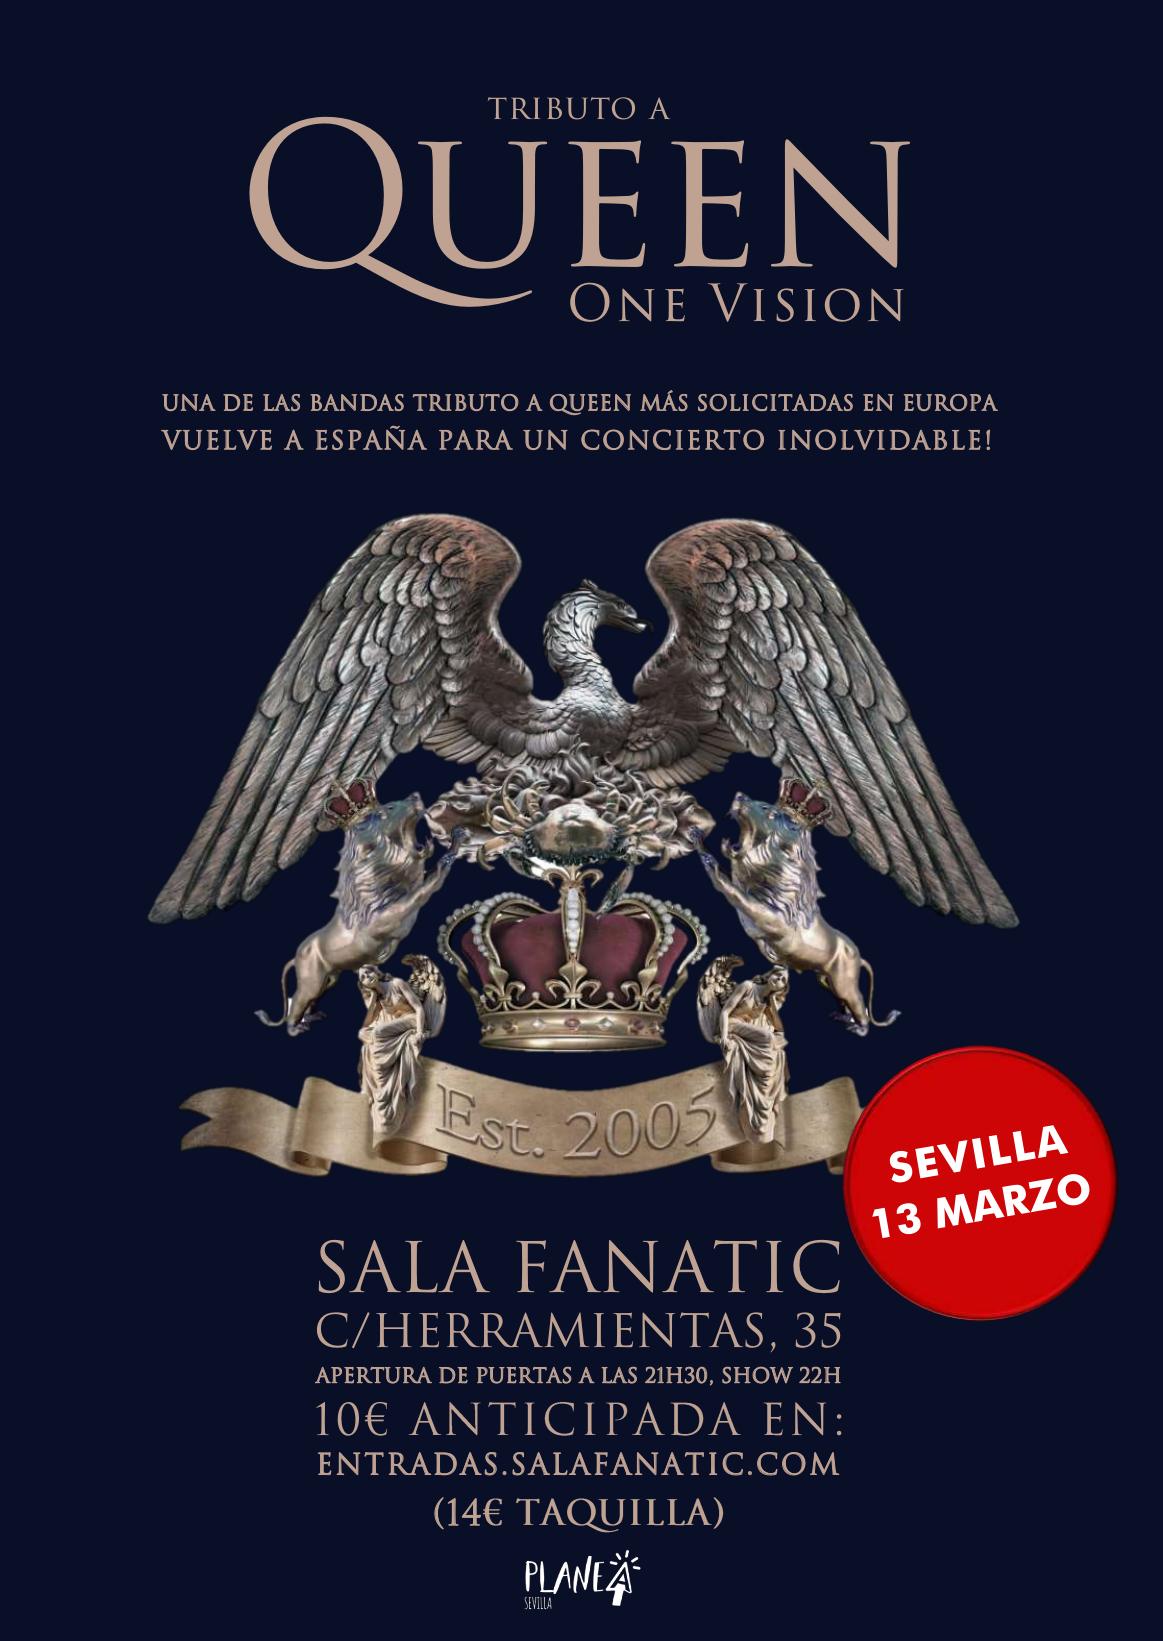 ONE VISION – ¡El tributo a Queen! APLAZADO NOVIEMBRE